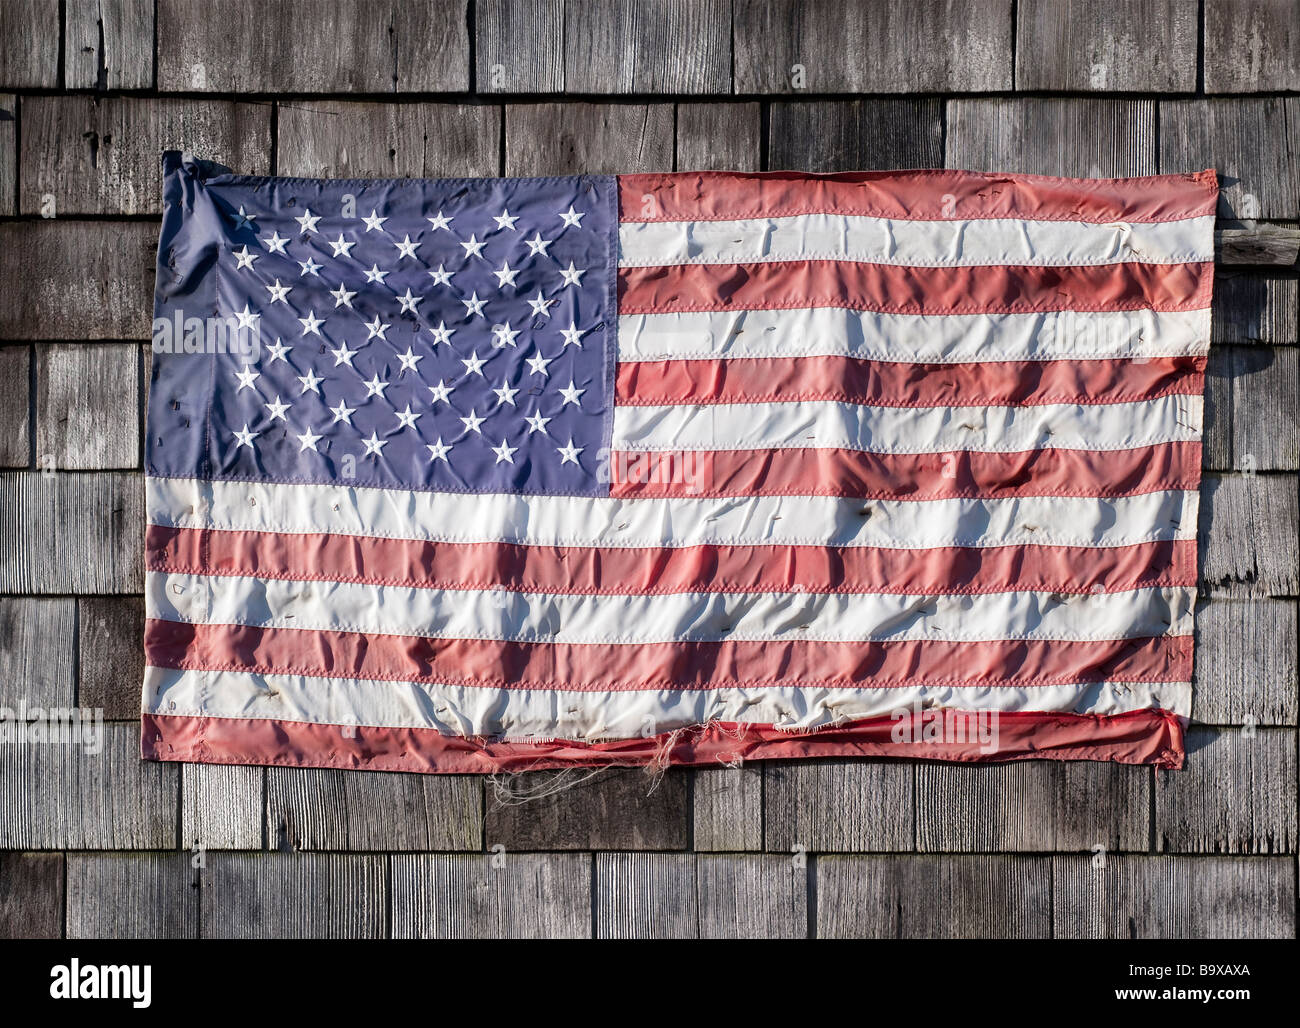 Indossato bandiera americana Immagini Stock